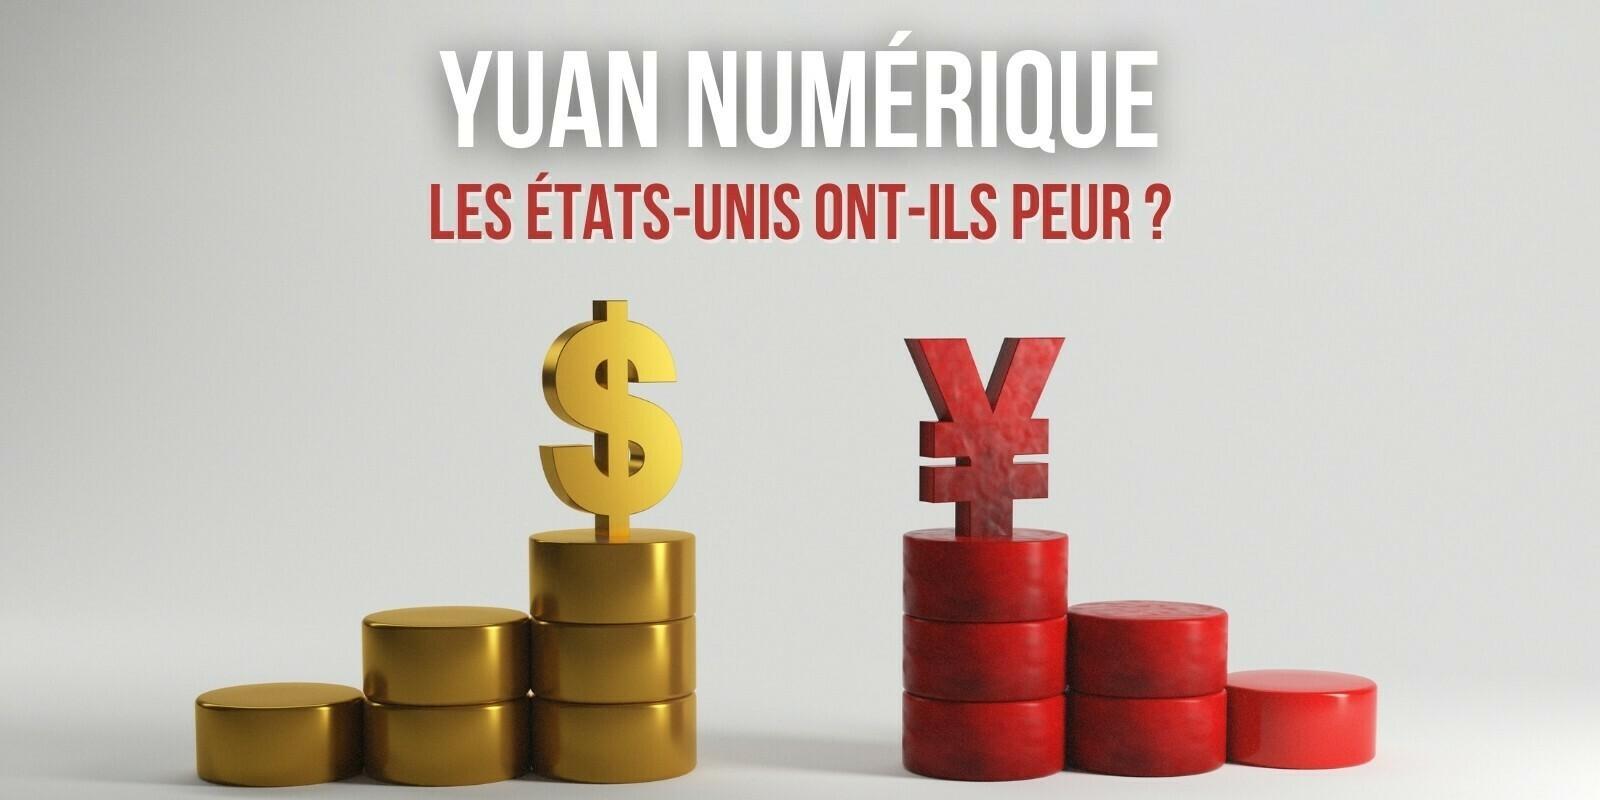 Aux États-Unis, la peur du yuan numérique s'installe - L'hégémonie du dollar est-elle menacée ?